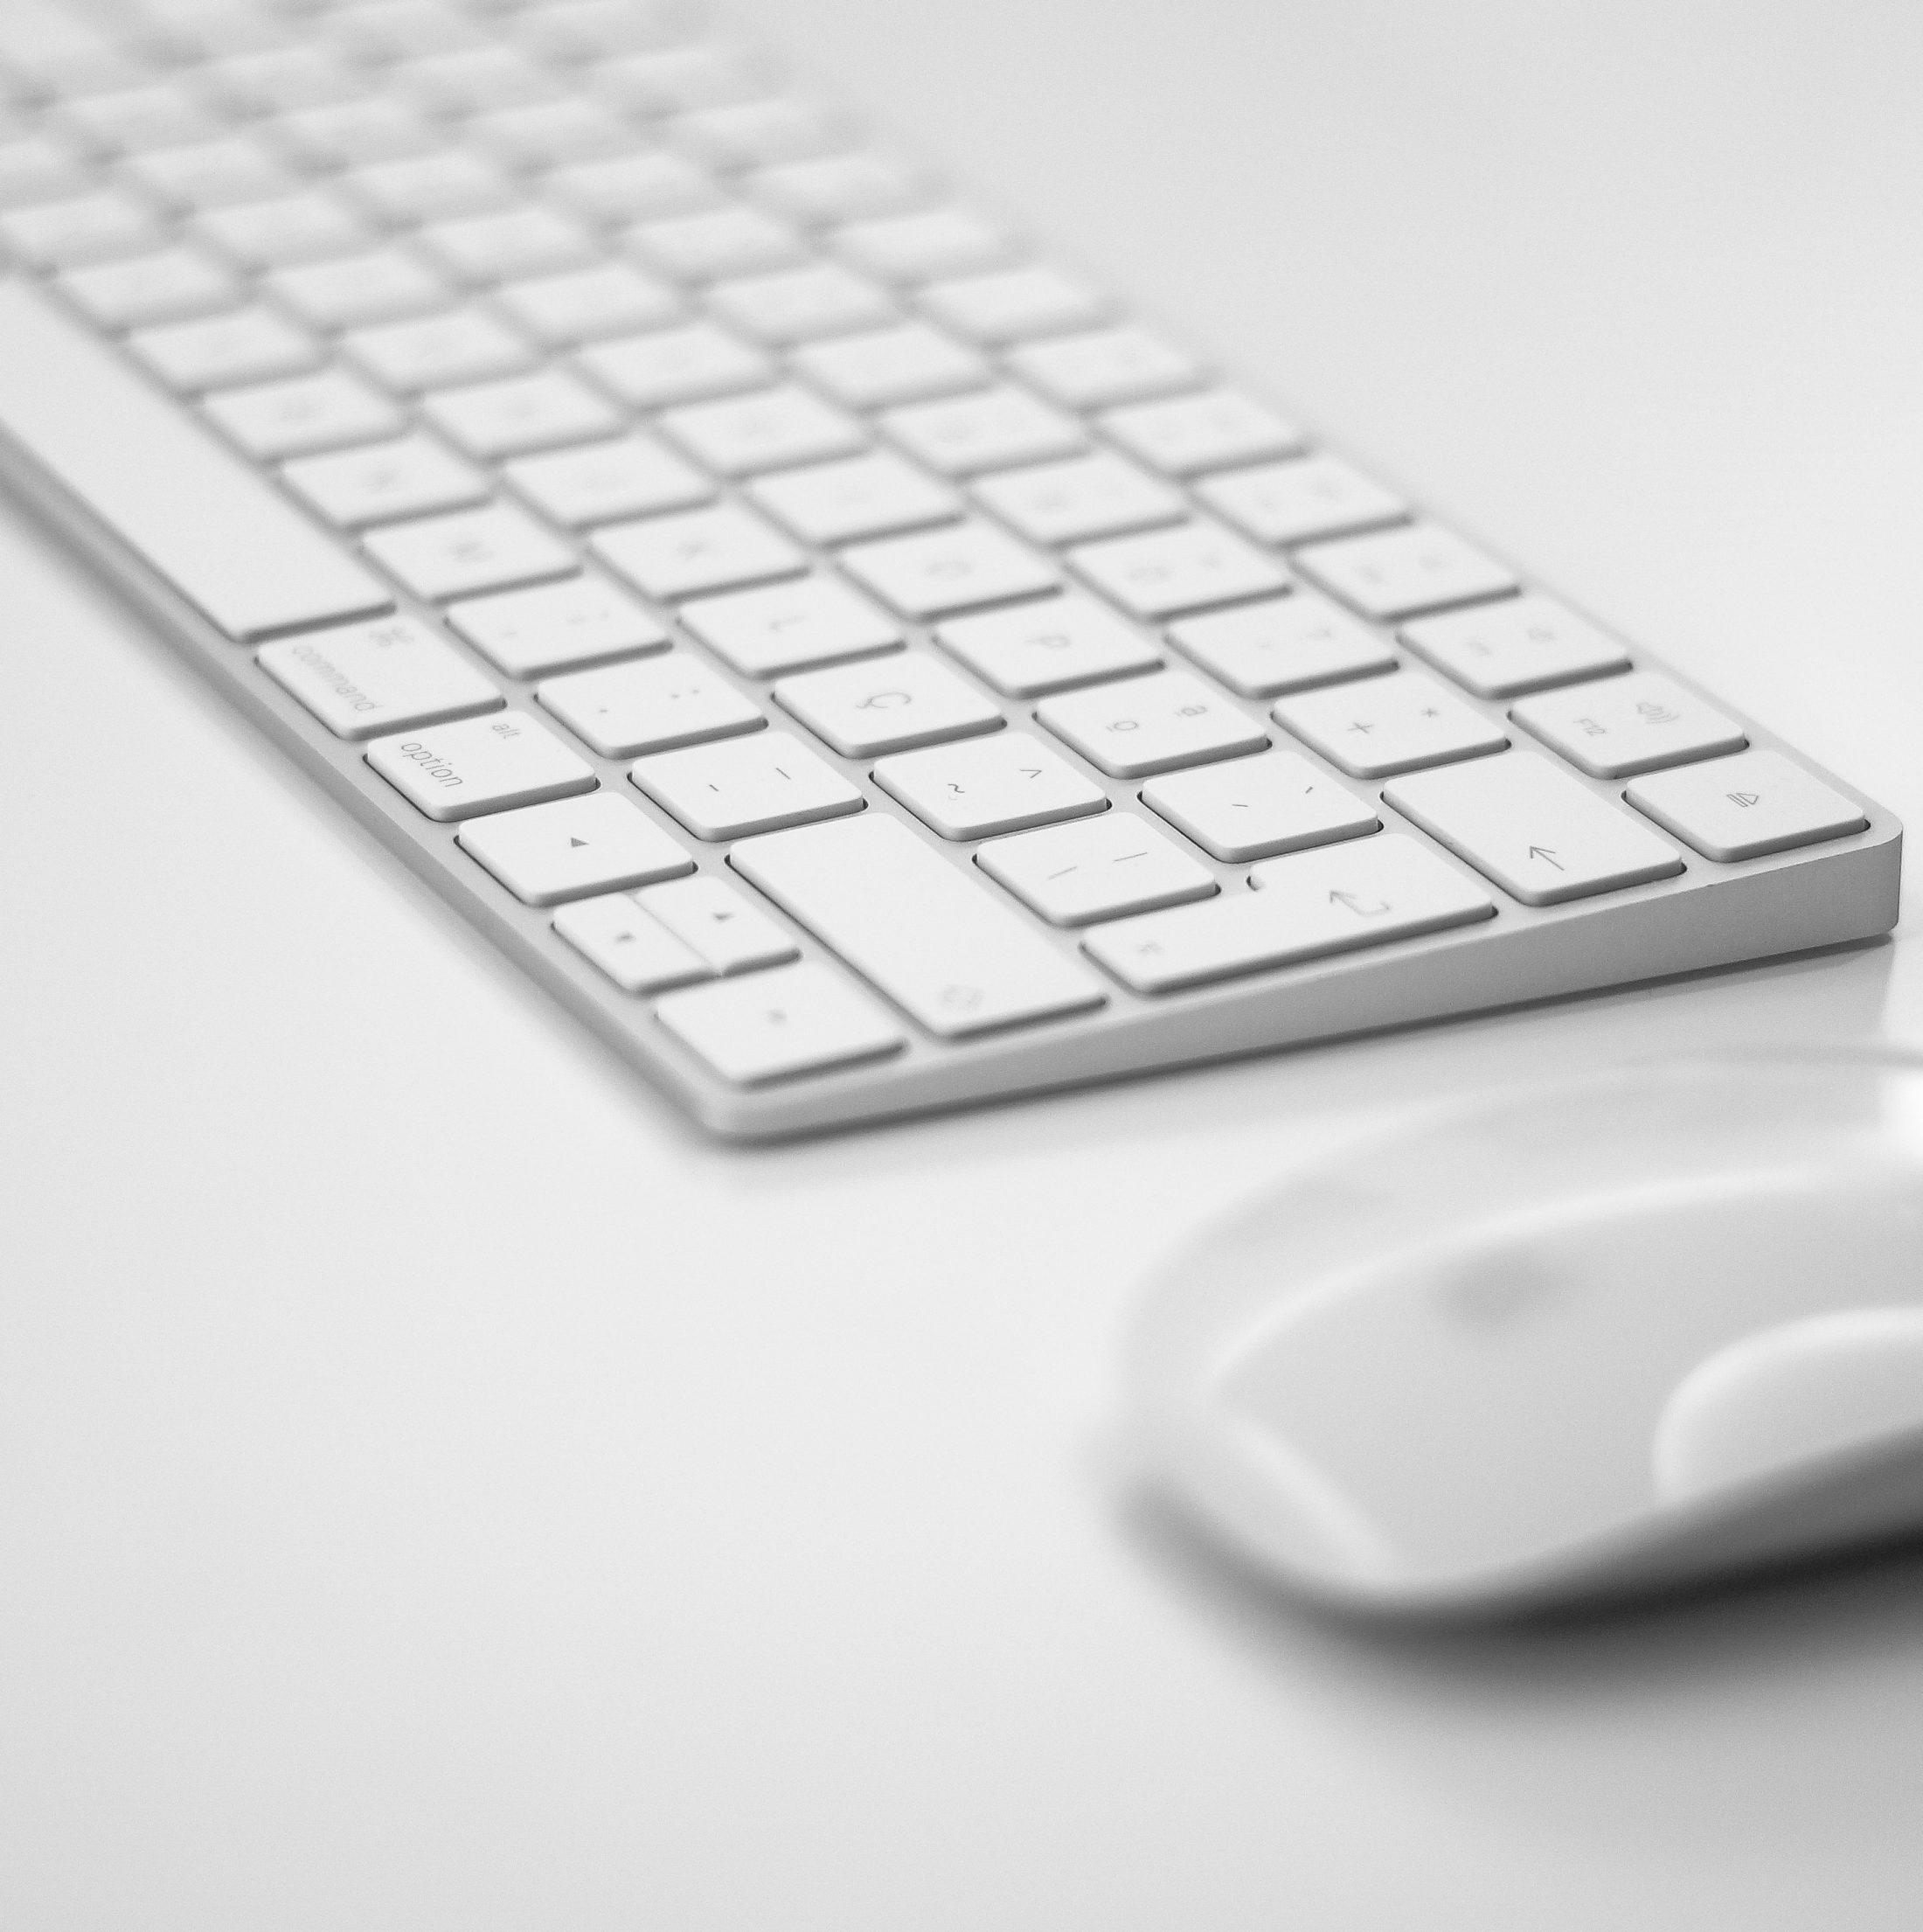 マウス、キーボードはワイヤレスでスッキリ! LogicoolのUniflying